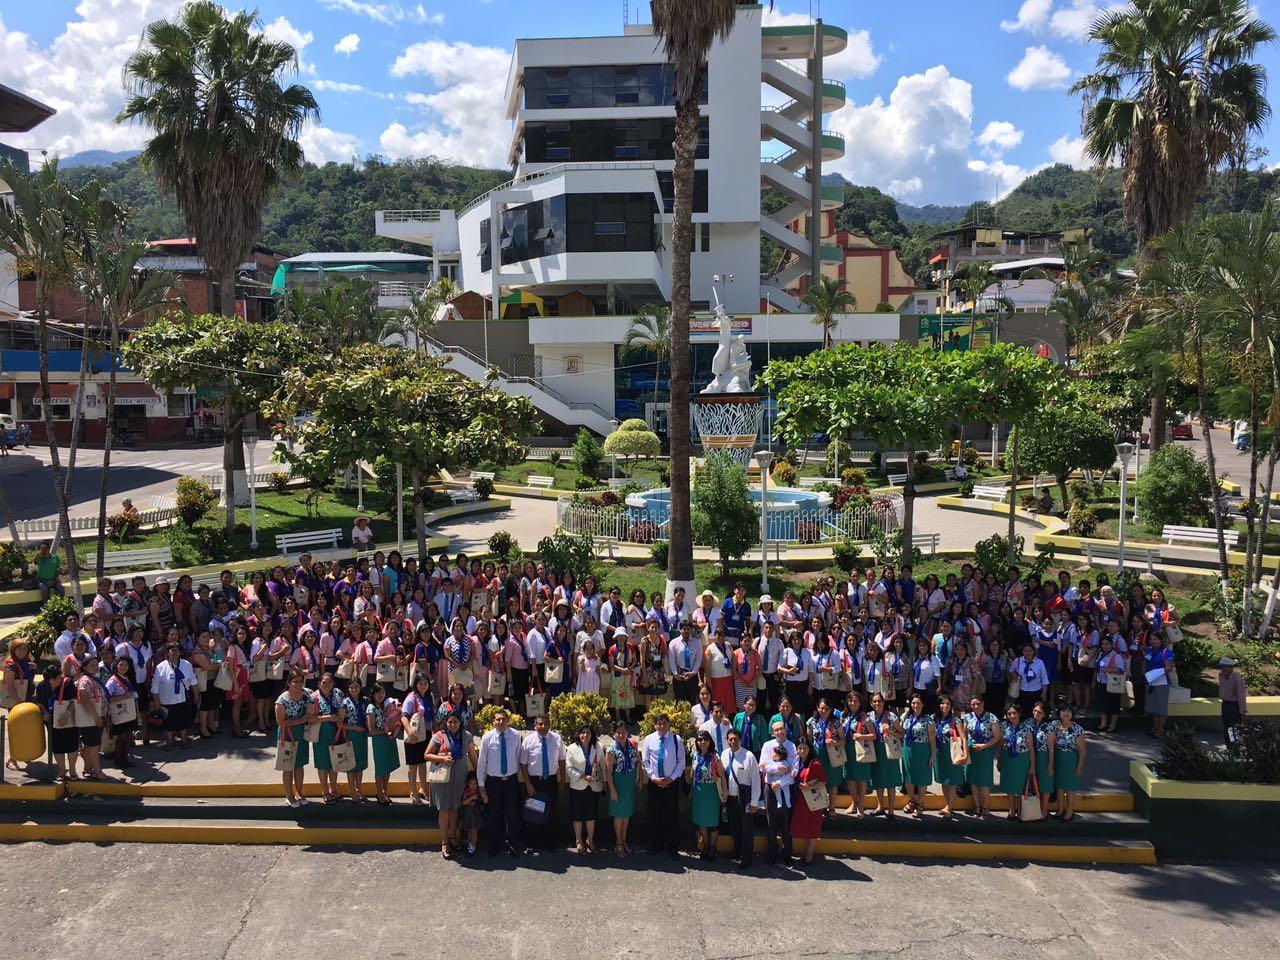 concilio-del-ministerio-del-menor-y-adolescente-reune-a-250-maestrosas-3